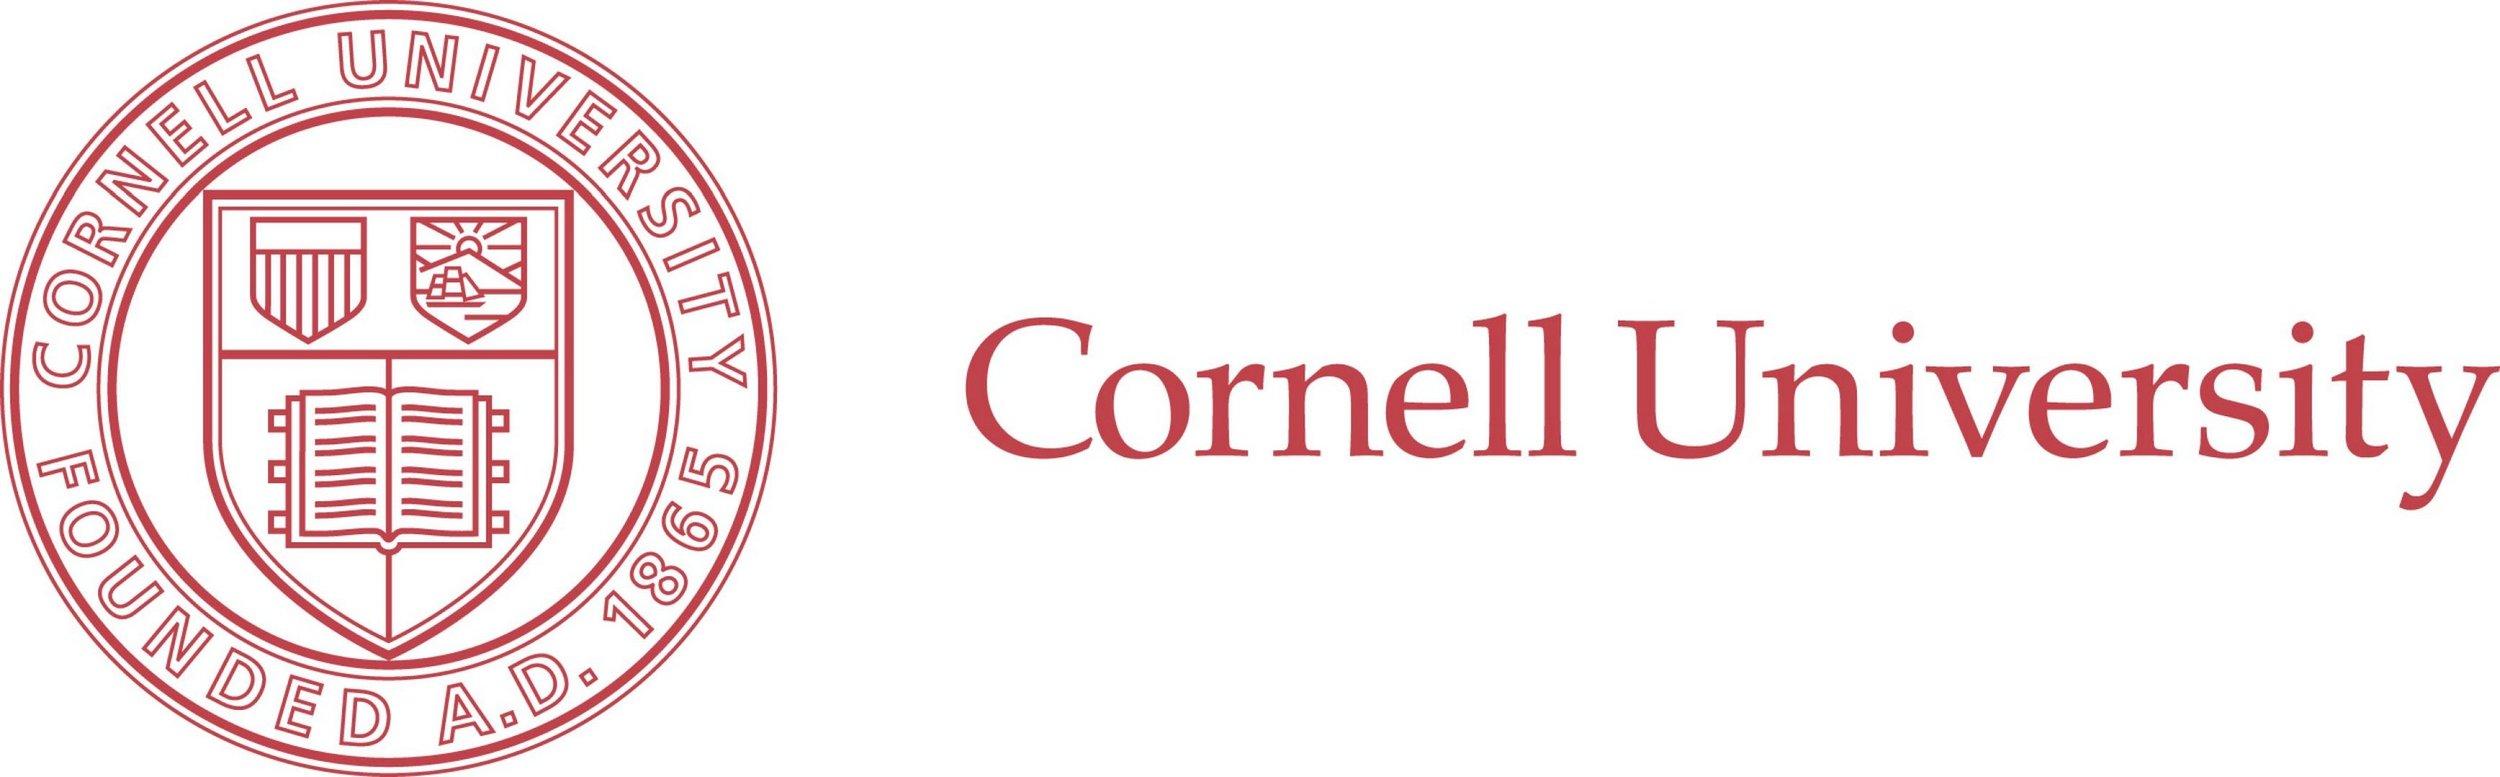 cornell-university-logo-clipart-1.jpg